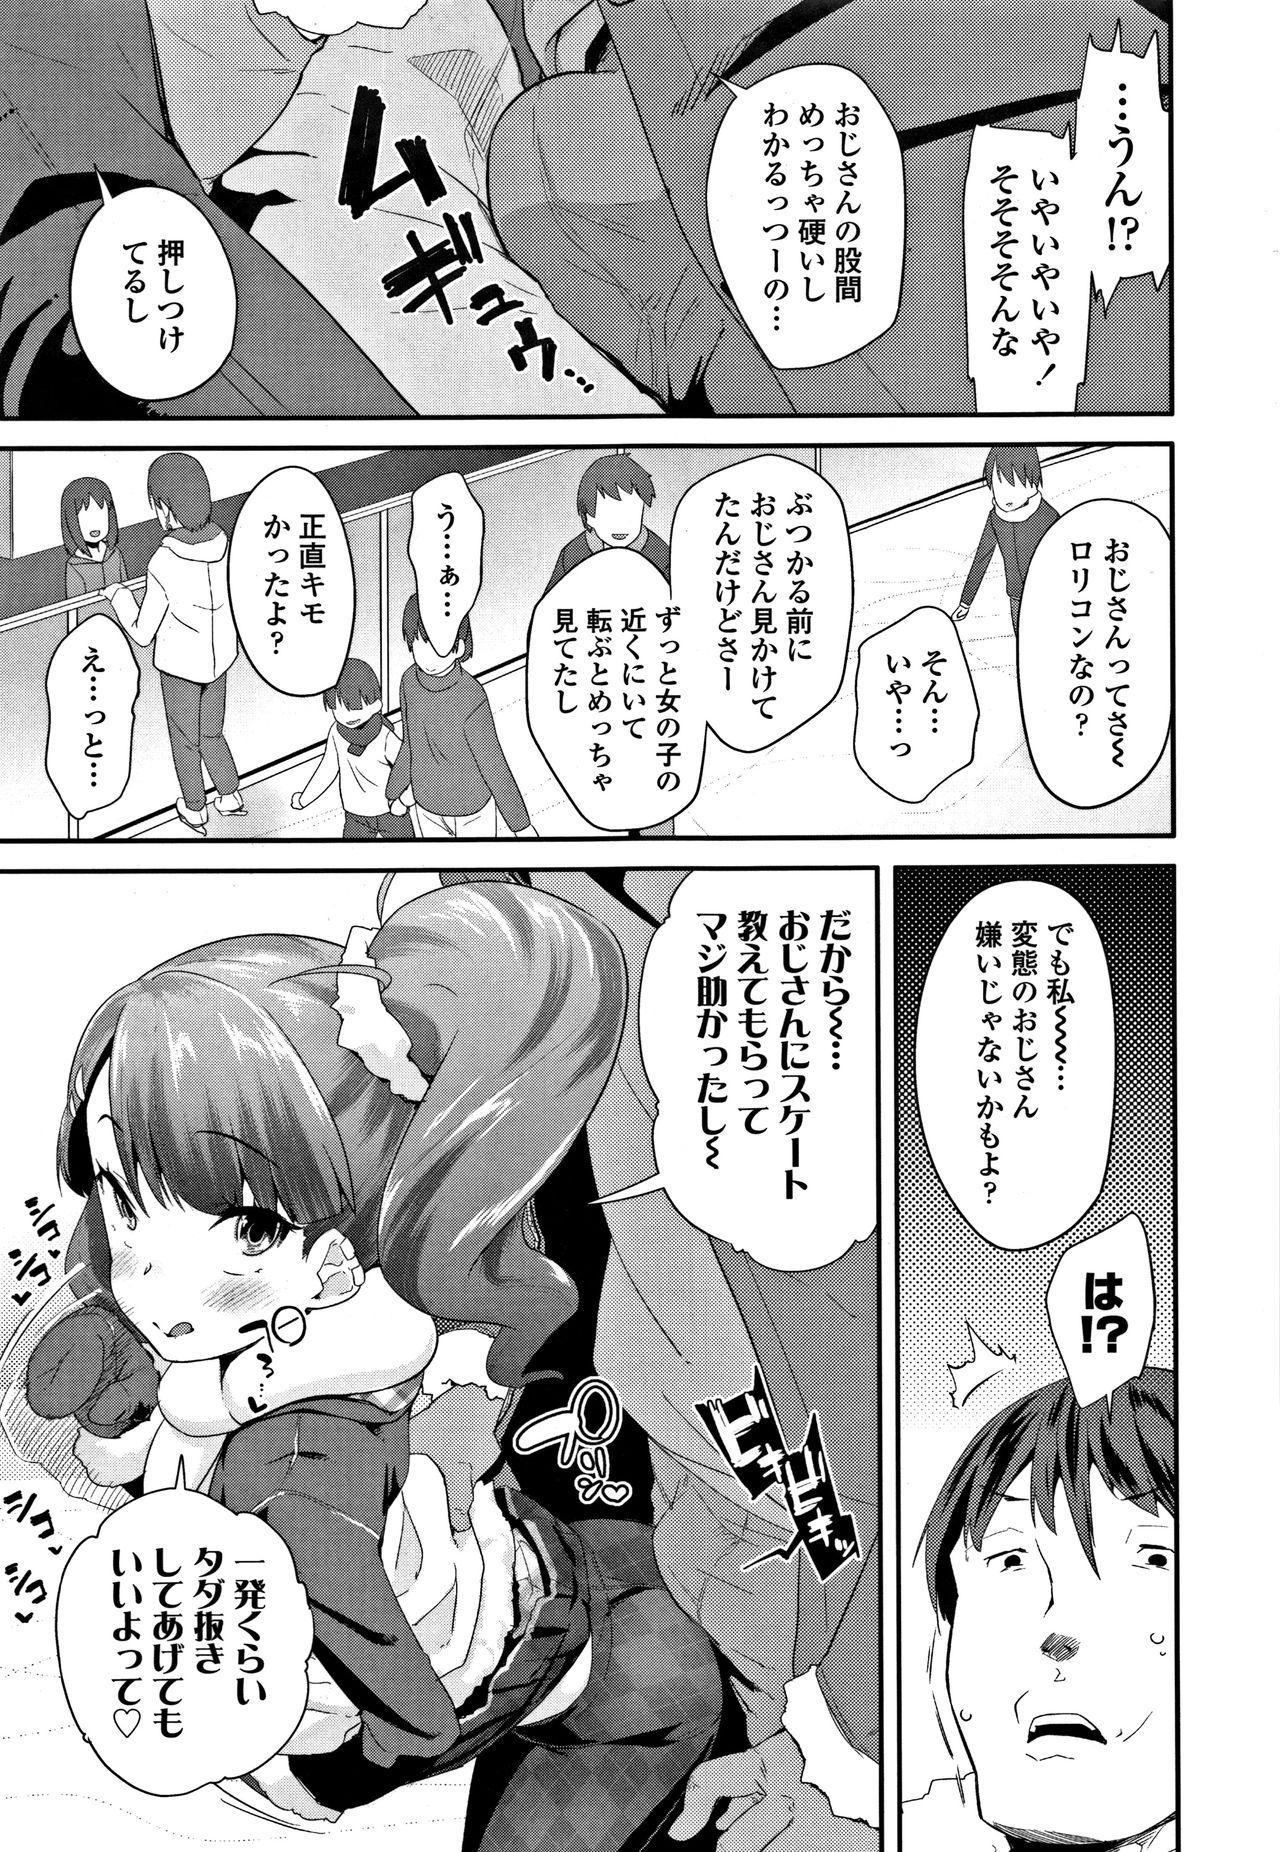 Kirakira Otona Lesson 99